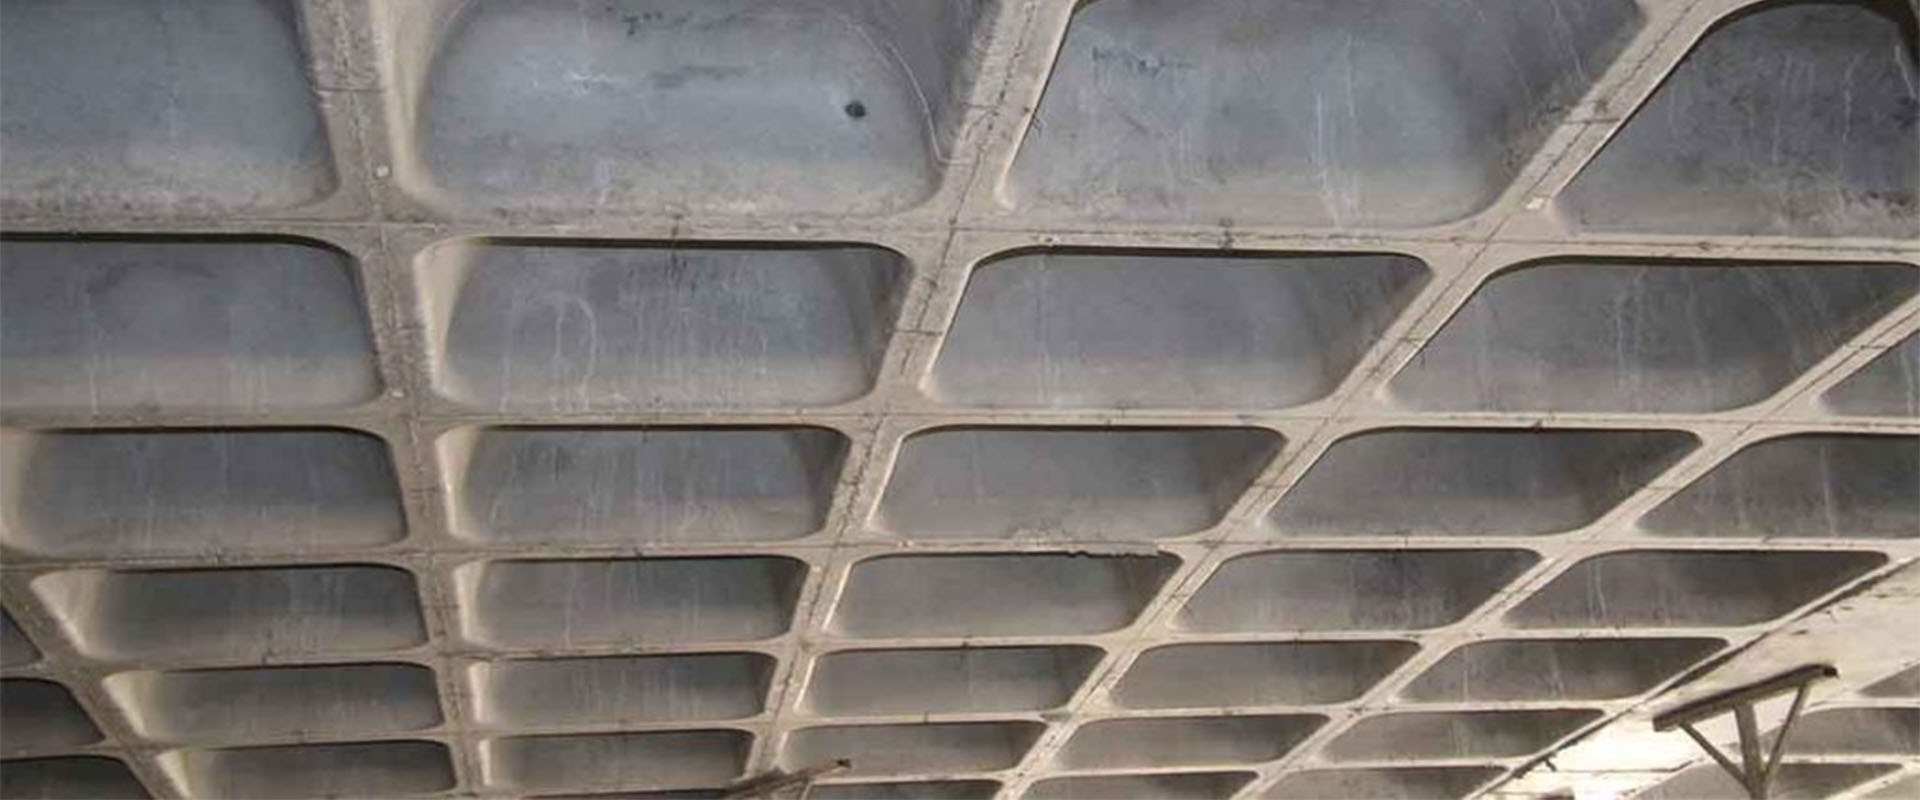 برای خرید سقف وافل و قالب دست دوم آن به چه نکاتی باید توجه کنیم؟